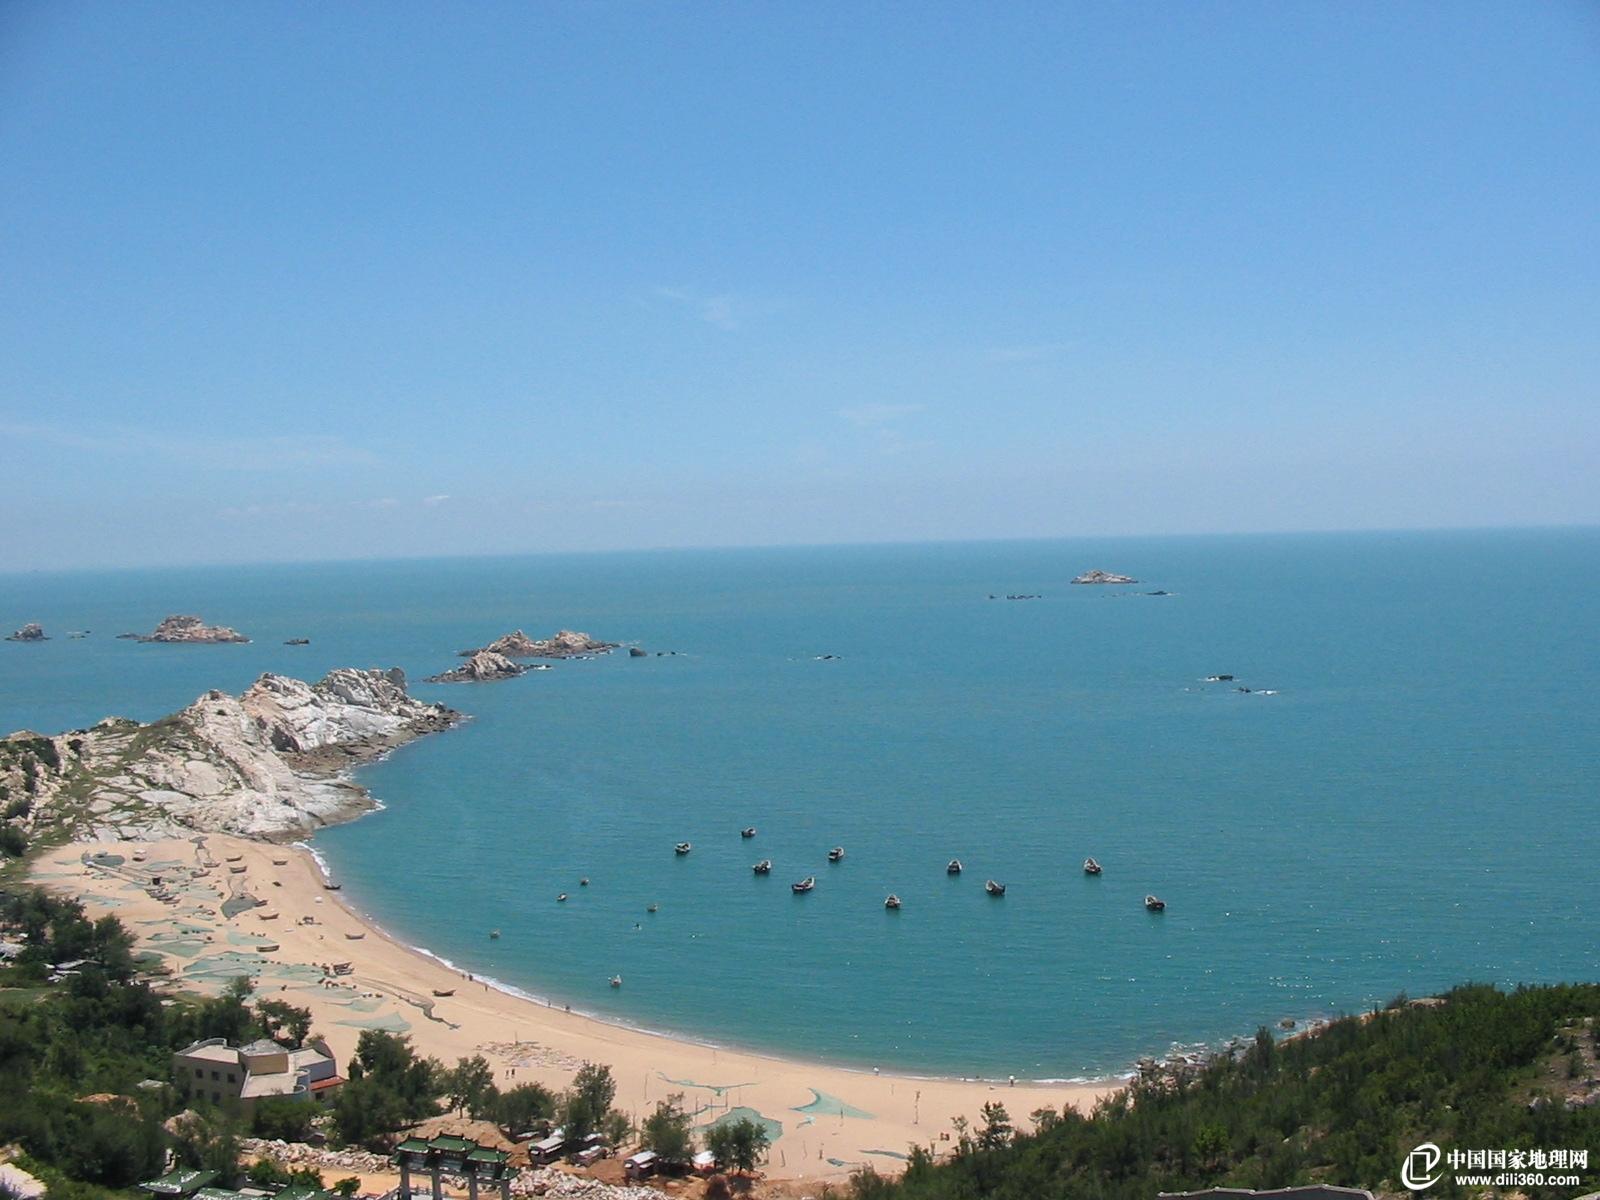 赏黄金海滩,品味特色水产小吃 到湄洲岛住宿 day7:20日&